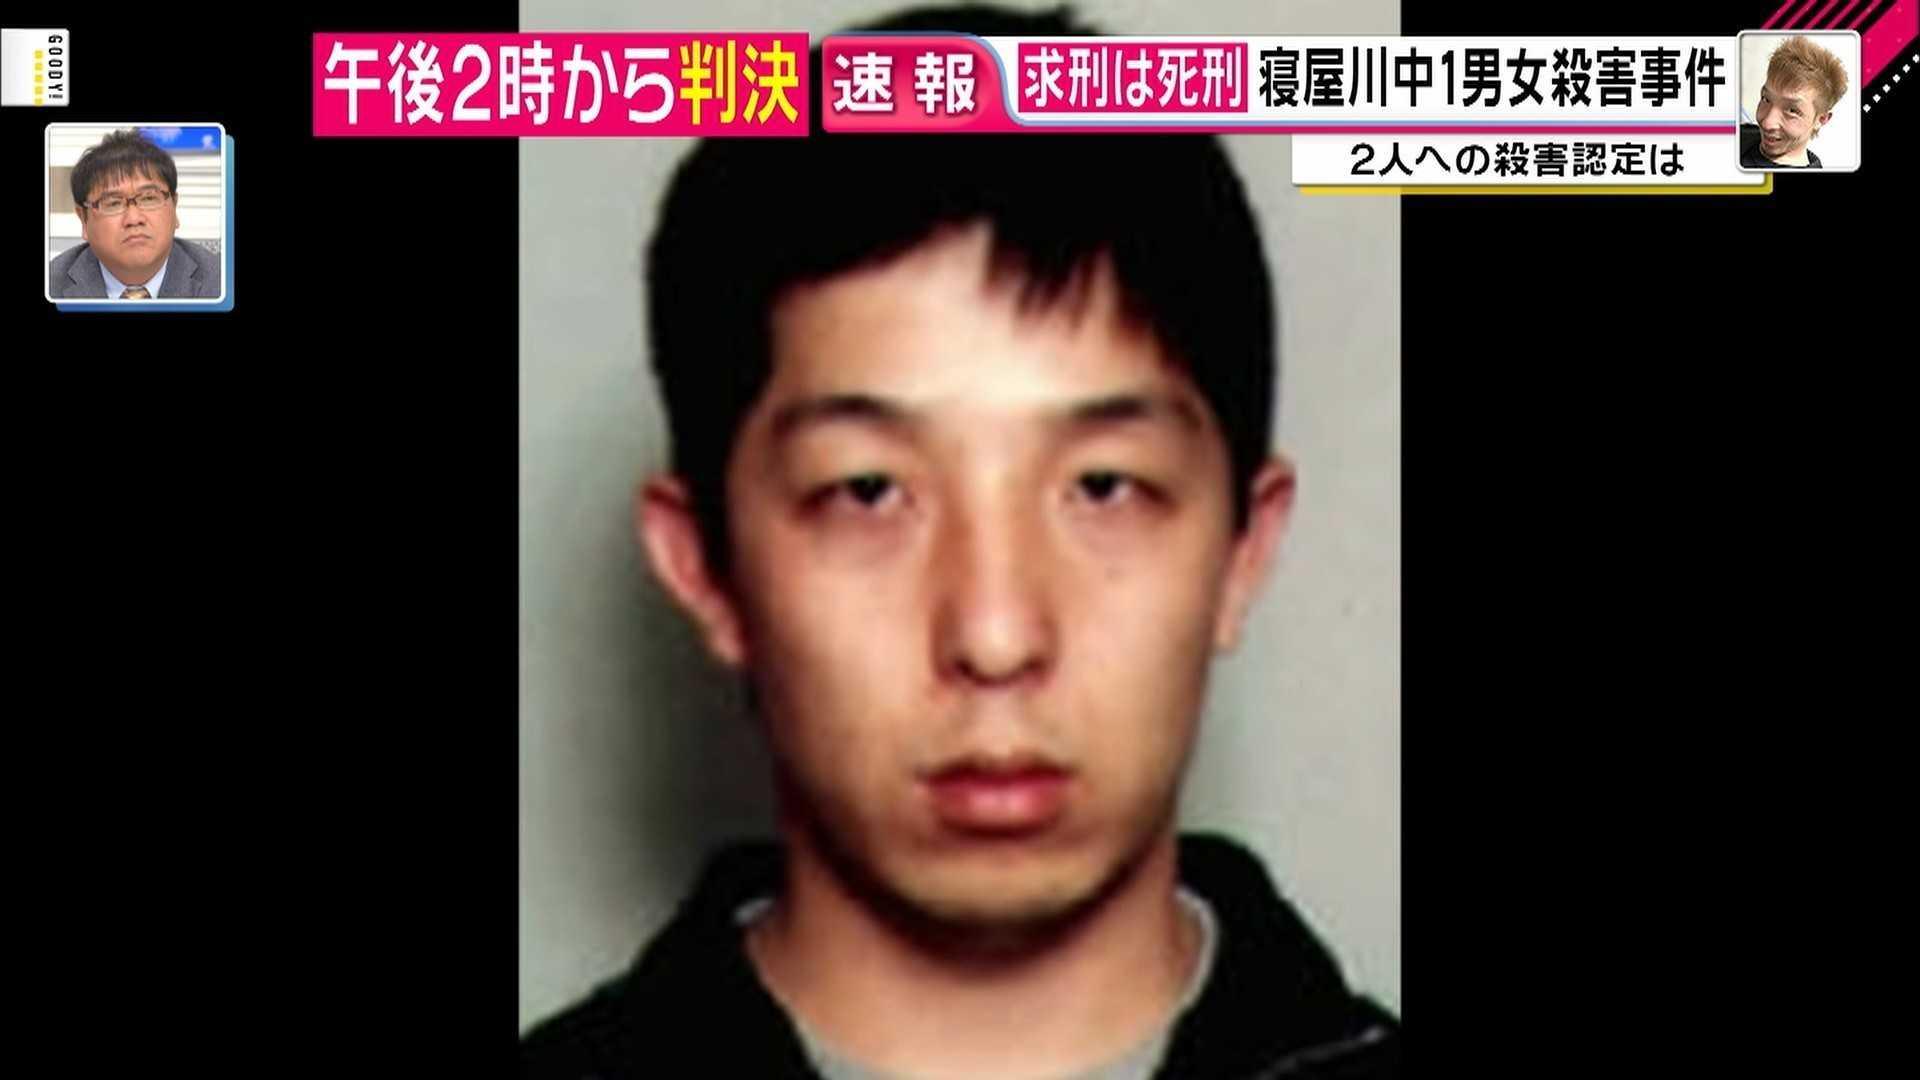 寝屋川中1男女殺害事件 死刑が言い渡されるまでの91分…山田被告の様子 ...